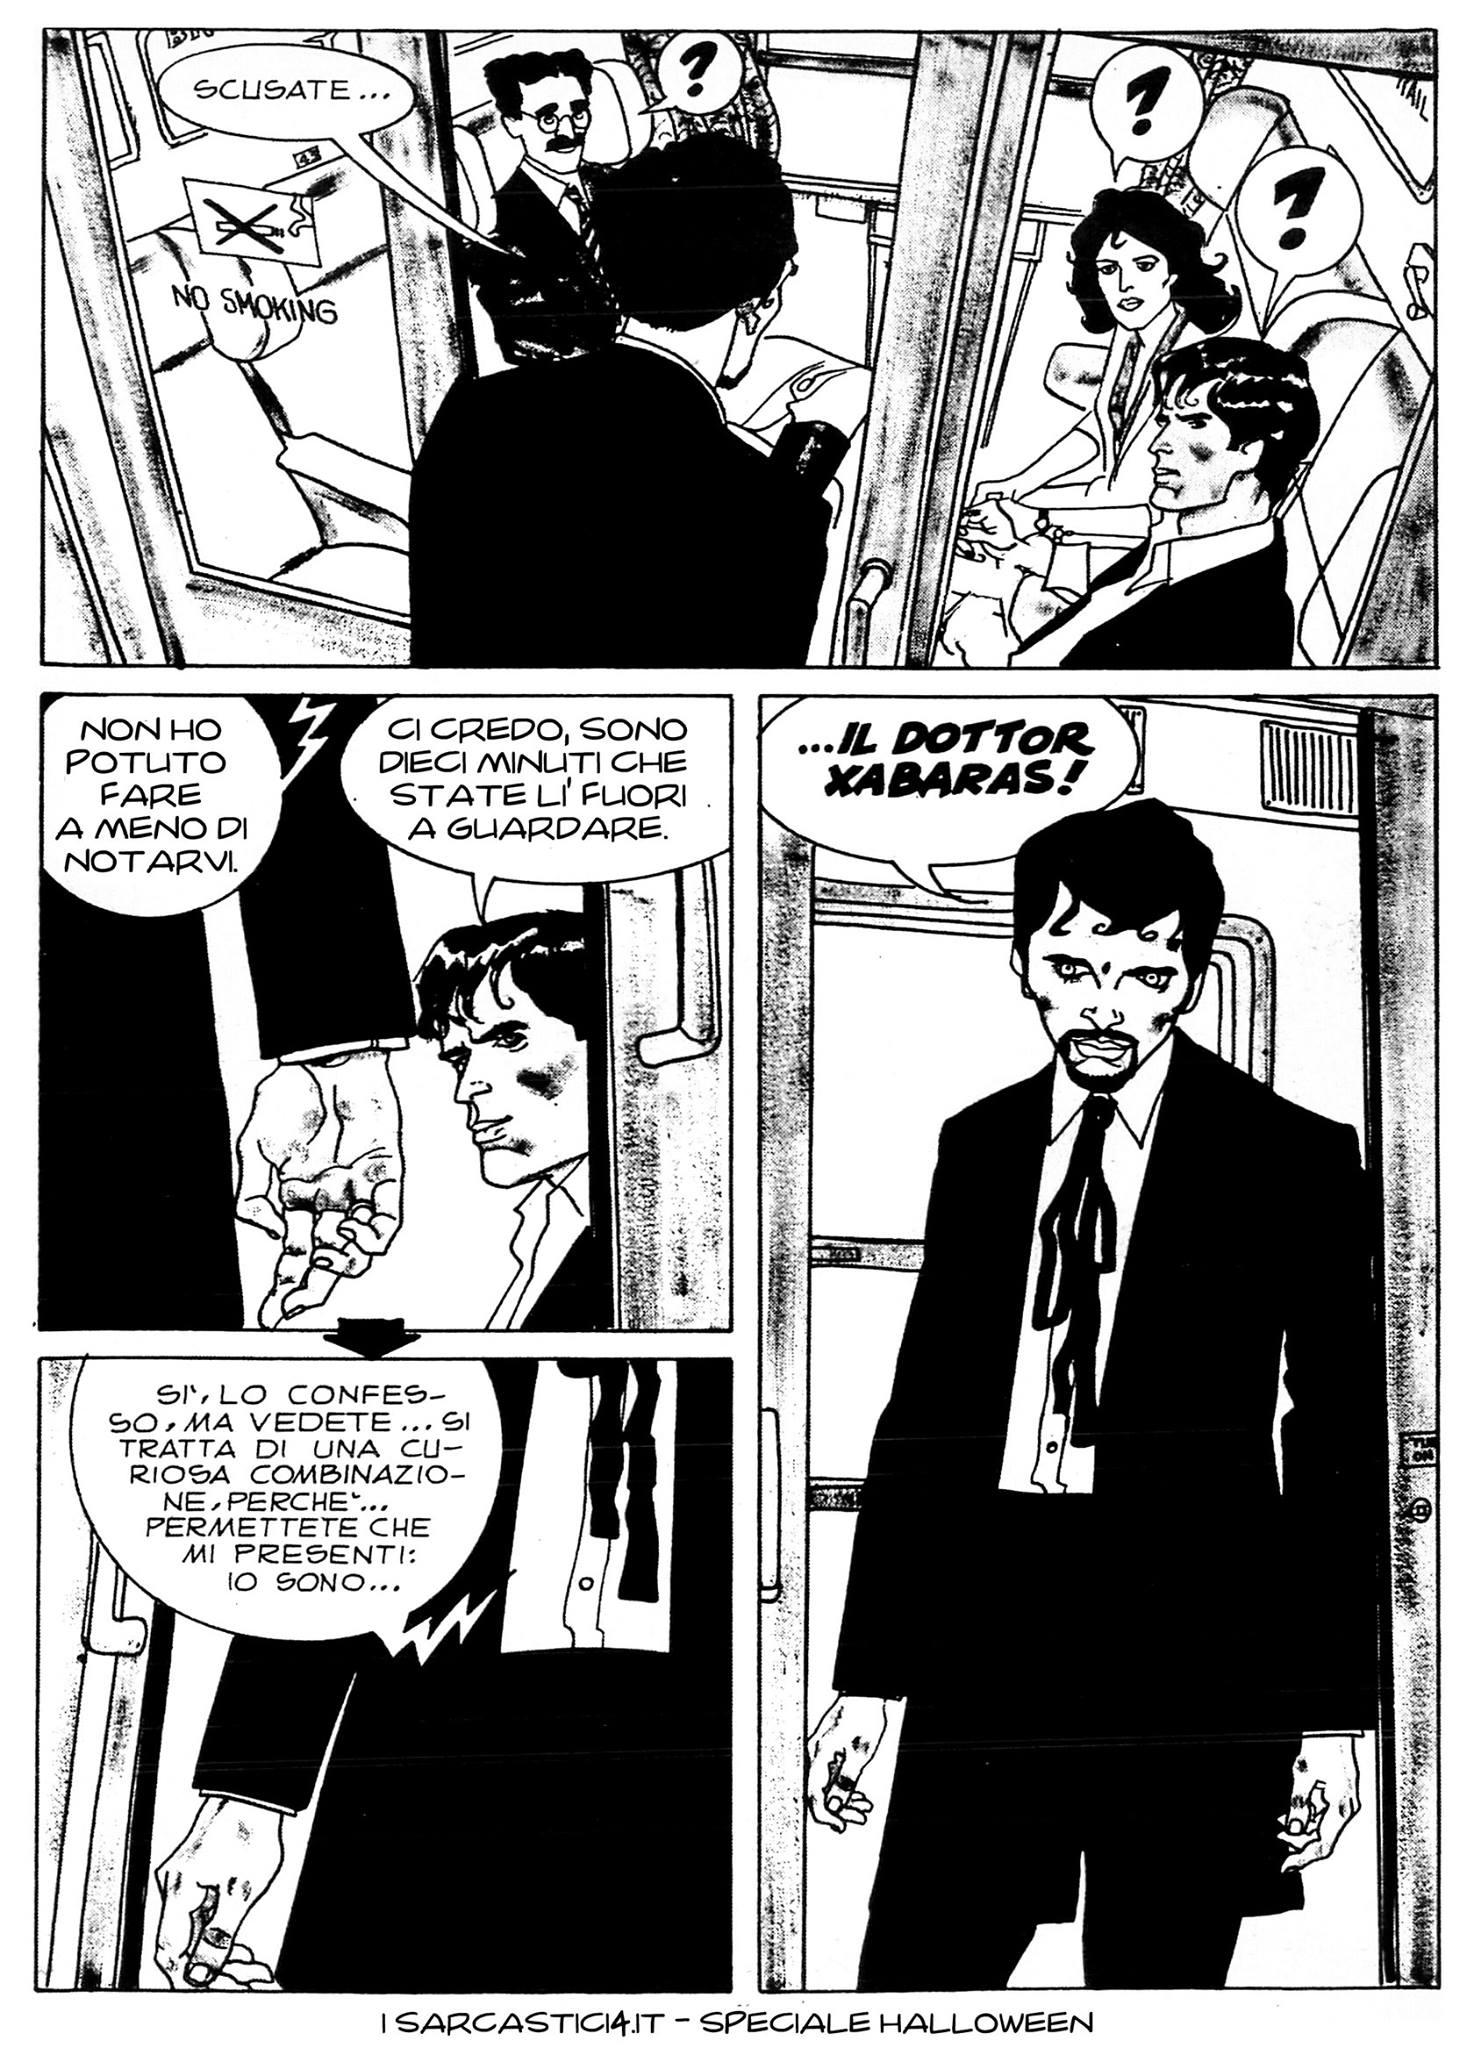 Speciale Halloween - Dylan Dog numero 1 - L'alba dei morti viventi - pagina 27